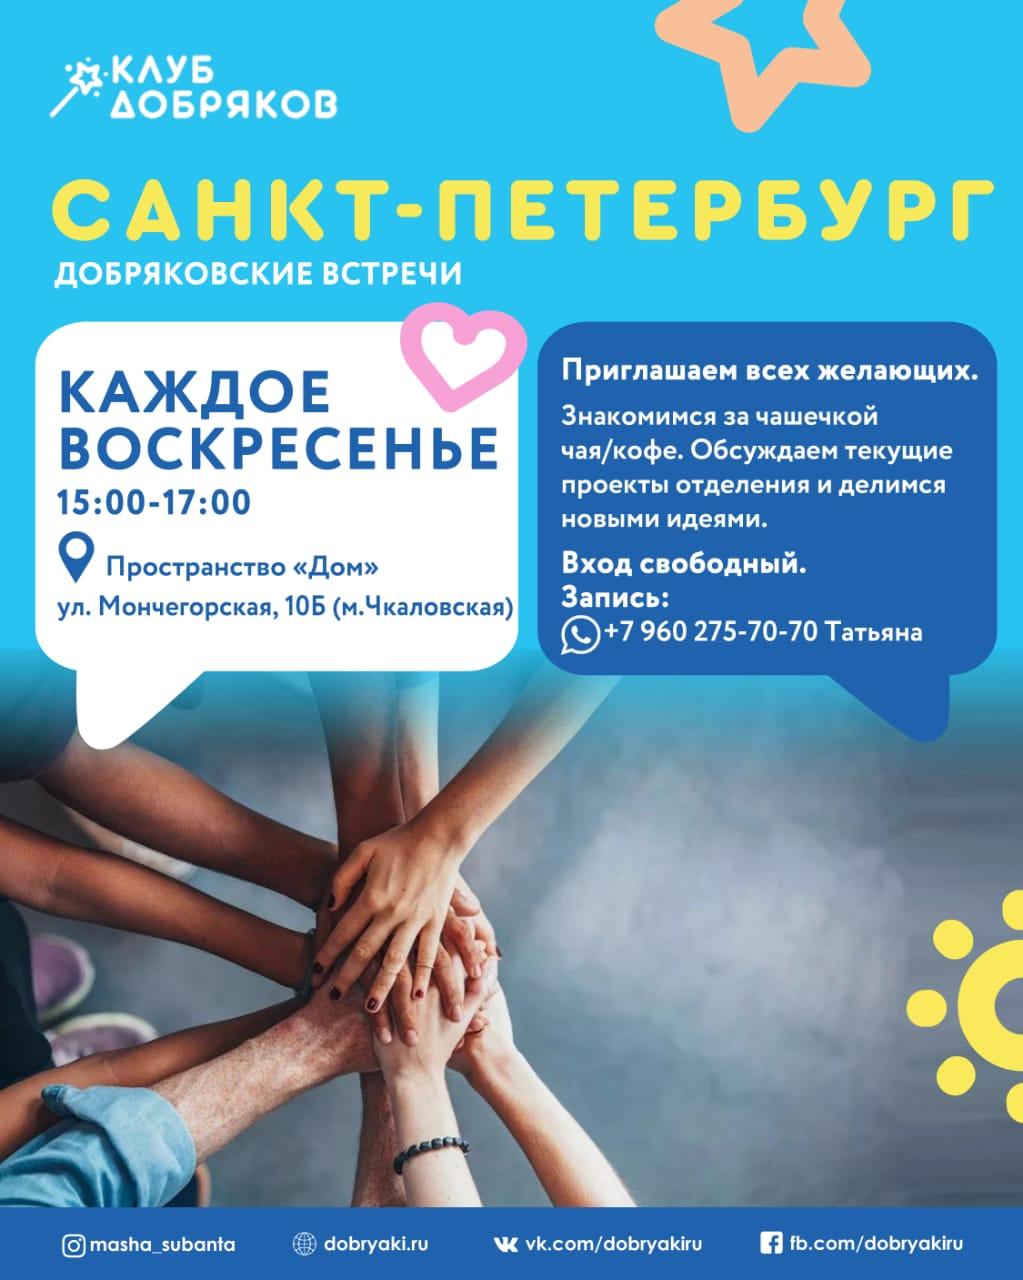 Встречи добряков в Санкт-Петербурге станут еженедельными